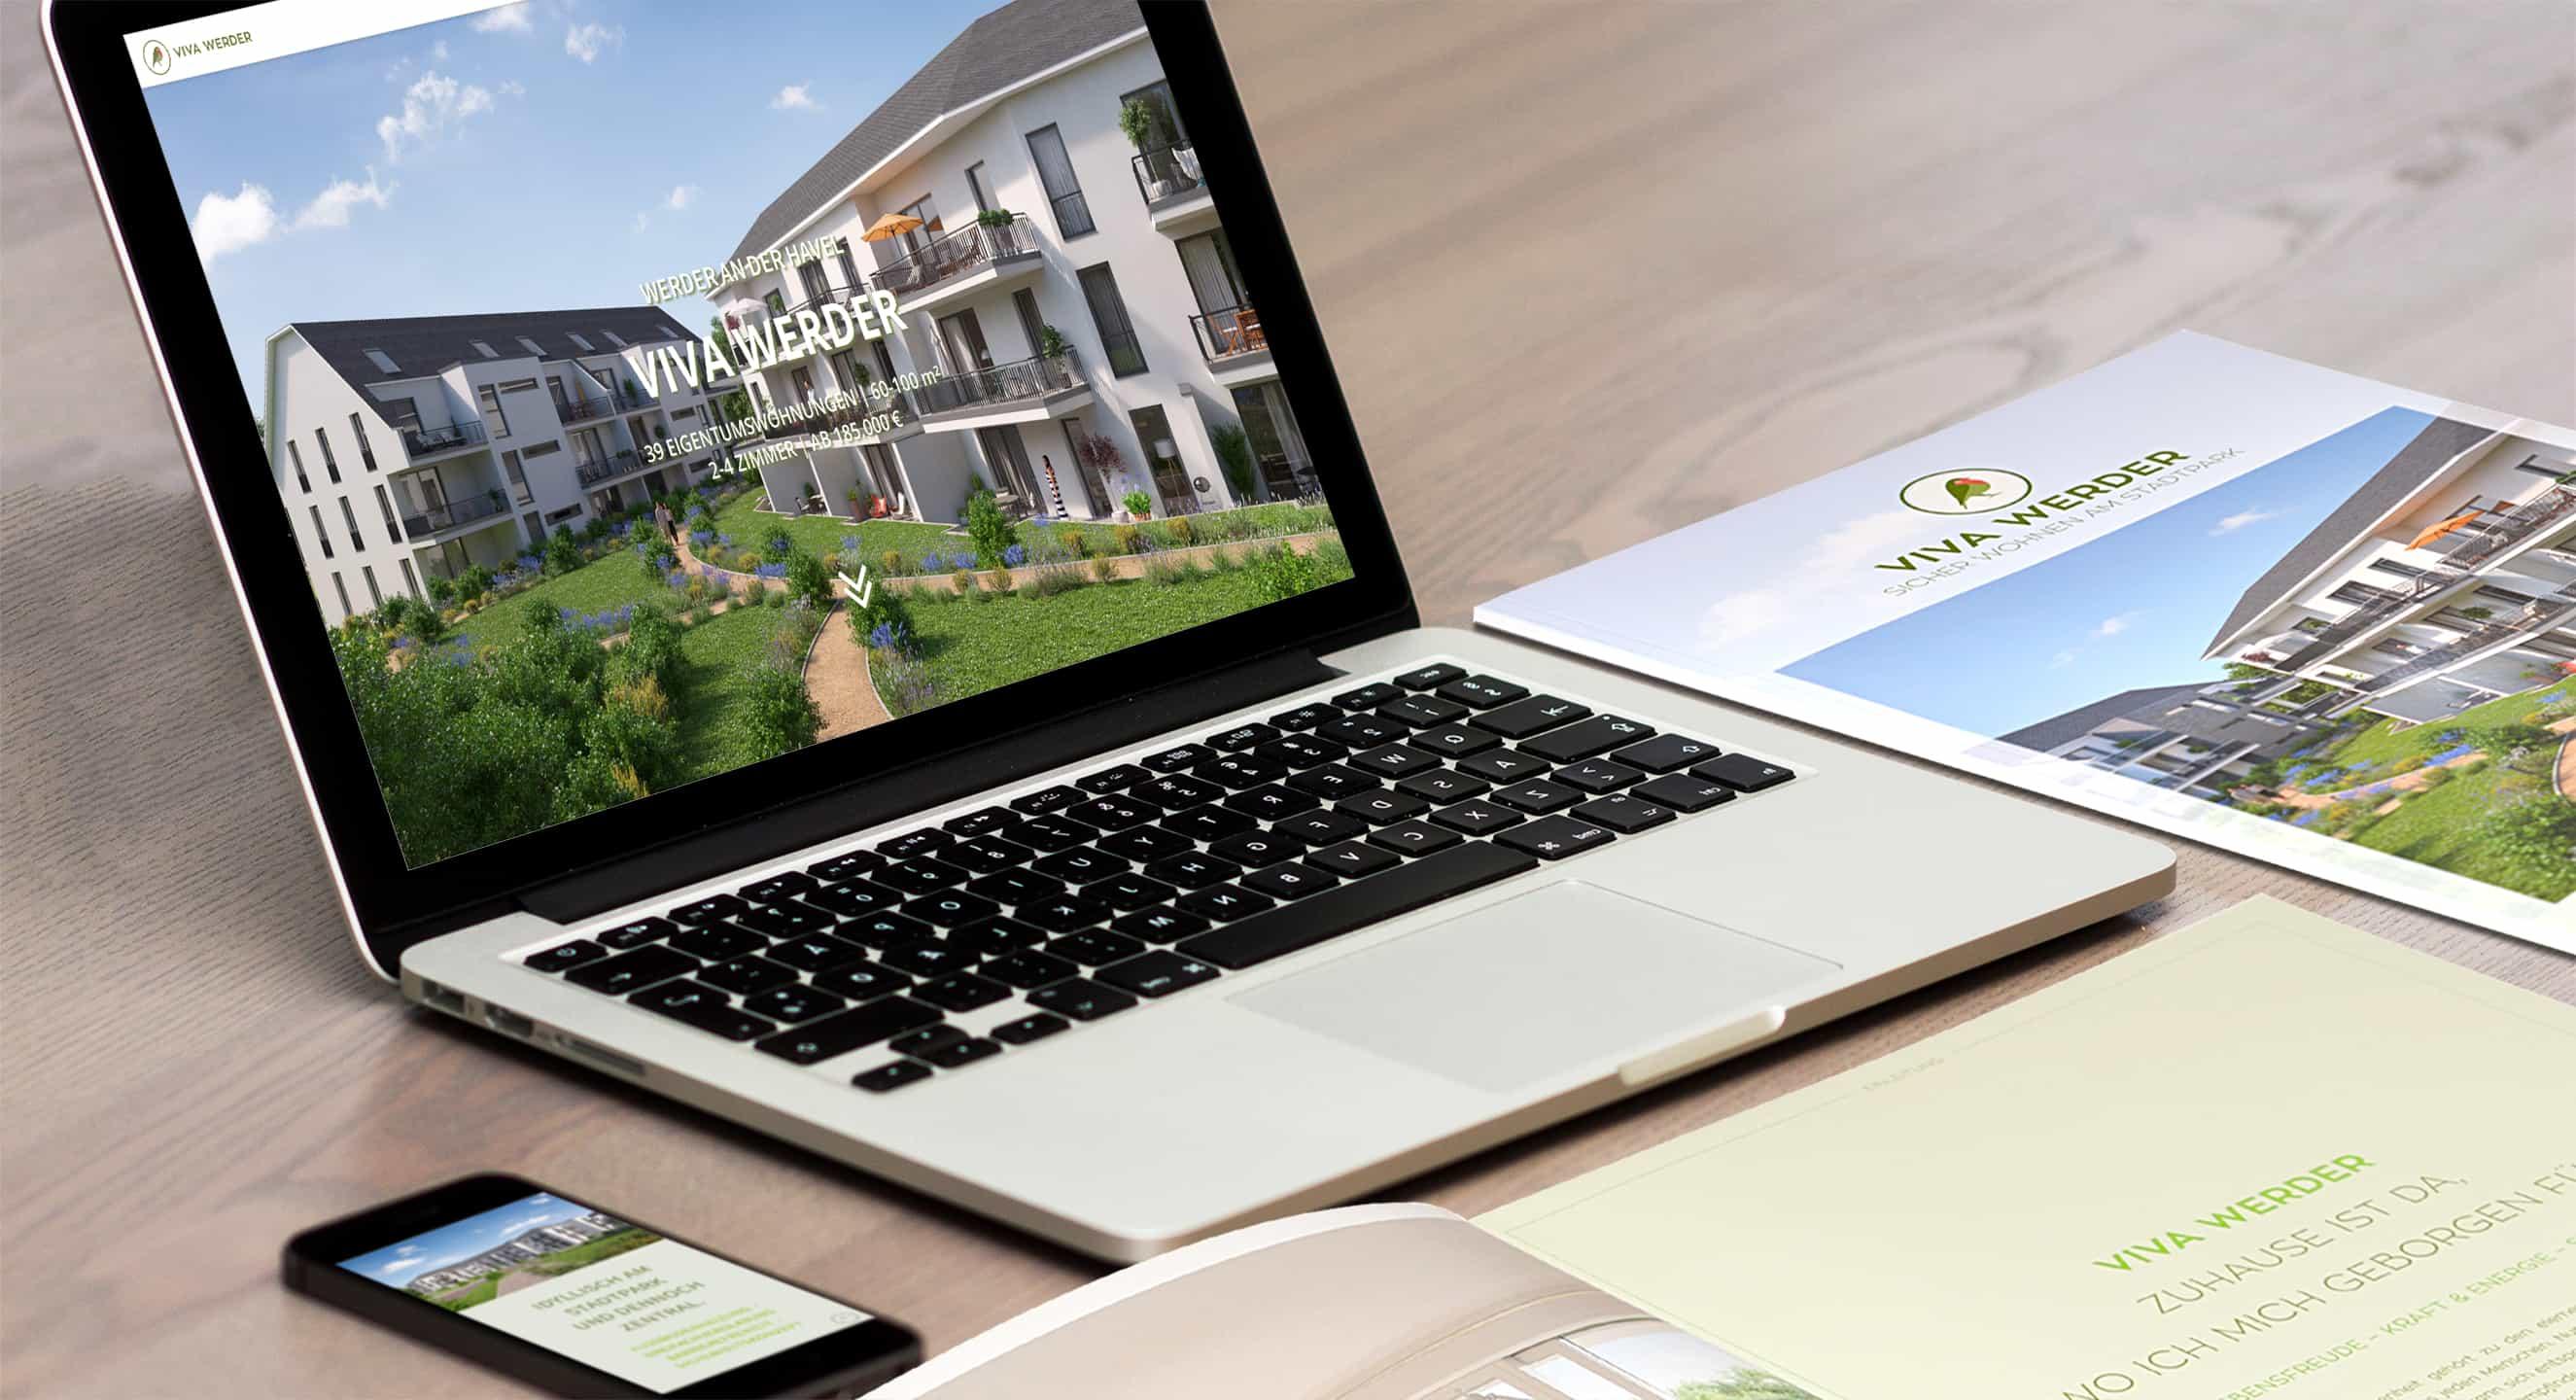 Immobilienmarketing Berlin - PlusQuadrat Projects - VIVA WERDER - RECONA Living - Website - iPad - iMac - iPhone - Broschüre